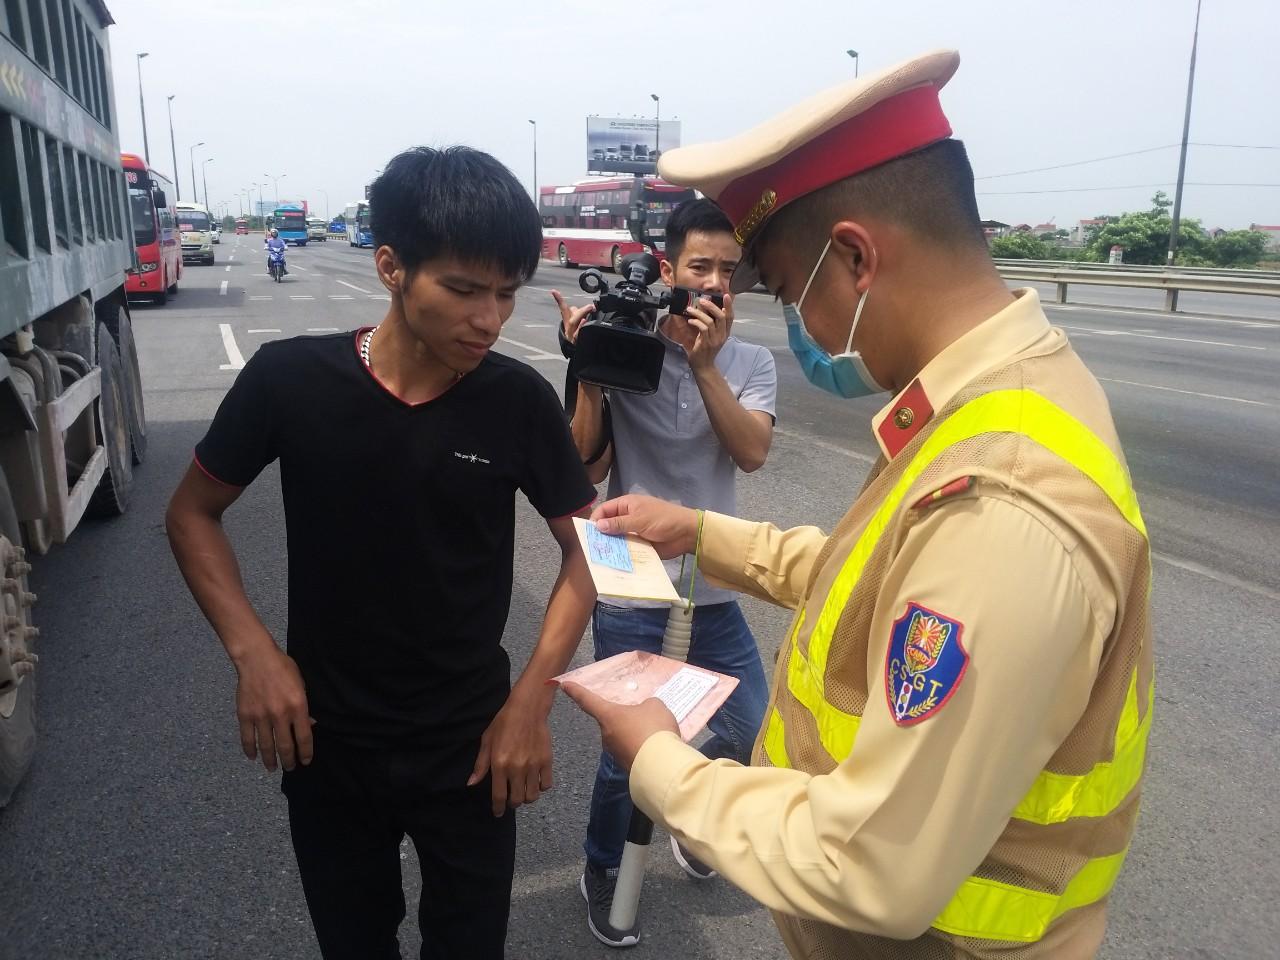 Tài xế xe khách vi phạm lỗi đón trả khách sai quy định, bị phạt 1.5 triệu đồng, tước bằng lái xe từ 1 đến 3 tháng